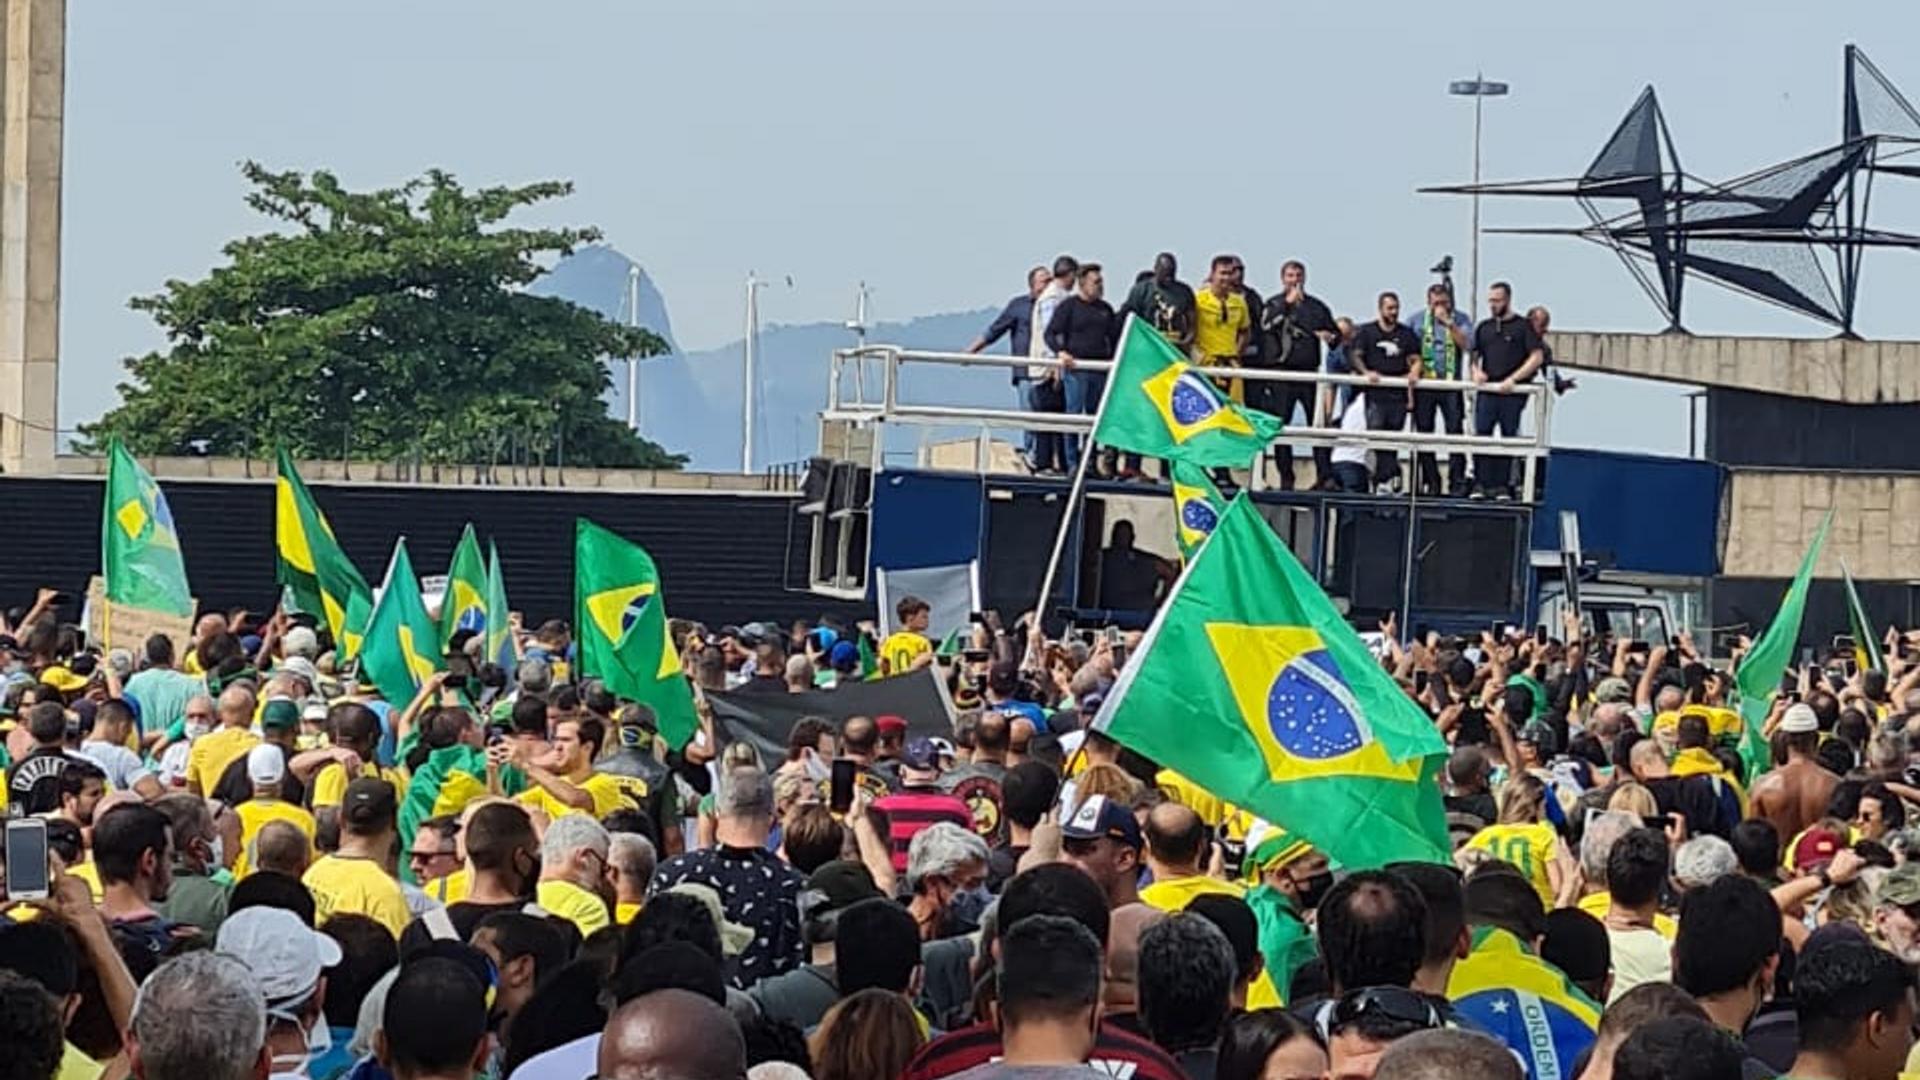 Miles de motoristas se manifestan en Rio de Janeiro en apoyo al presidente Jair Bolsonaro. El propio Bolsonaro les acompañó en el recorrido por las calles de la ciudad, junto al cuestionado ex-ministro de Salud Eduardo Pazuello. - Sputnik Mundo, 1920, 24.05.2021